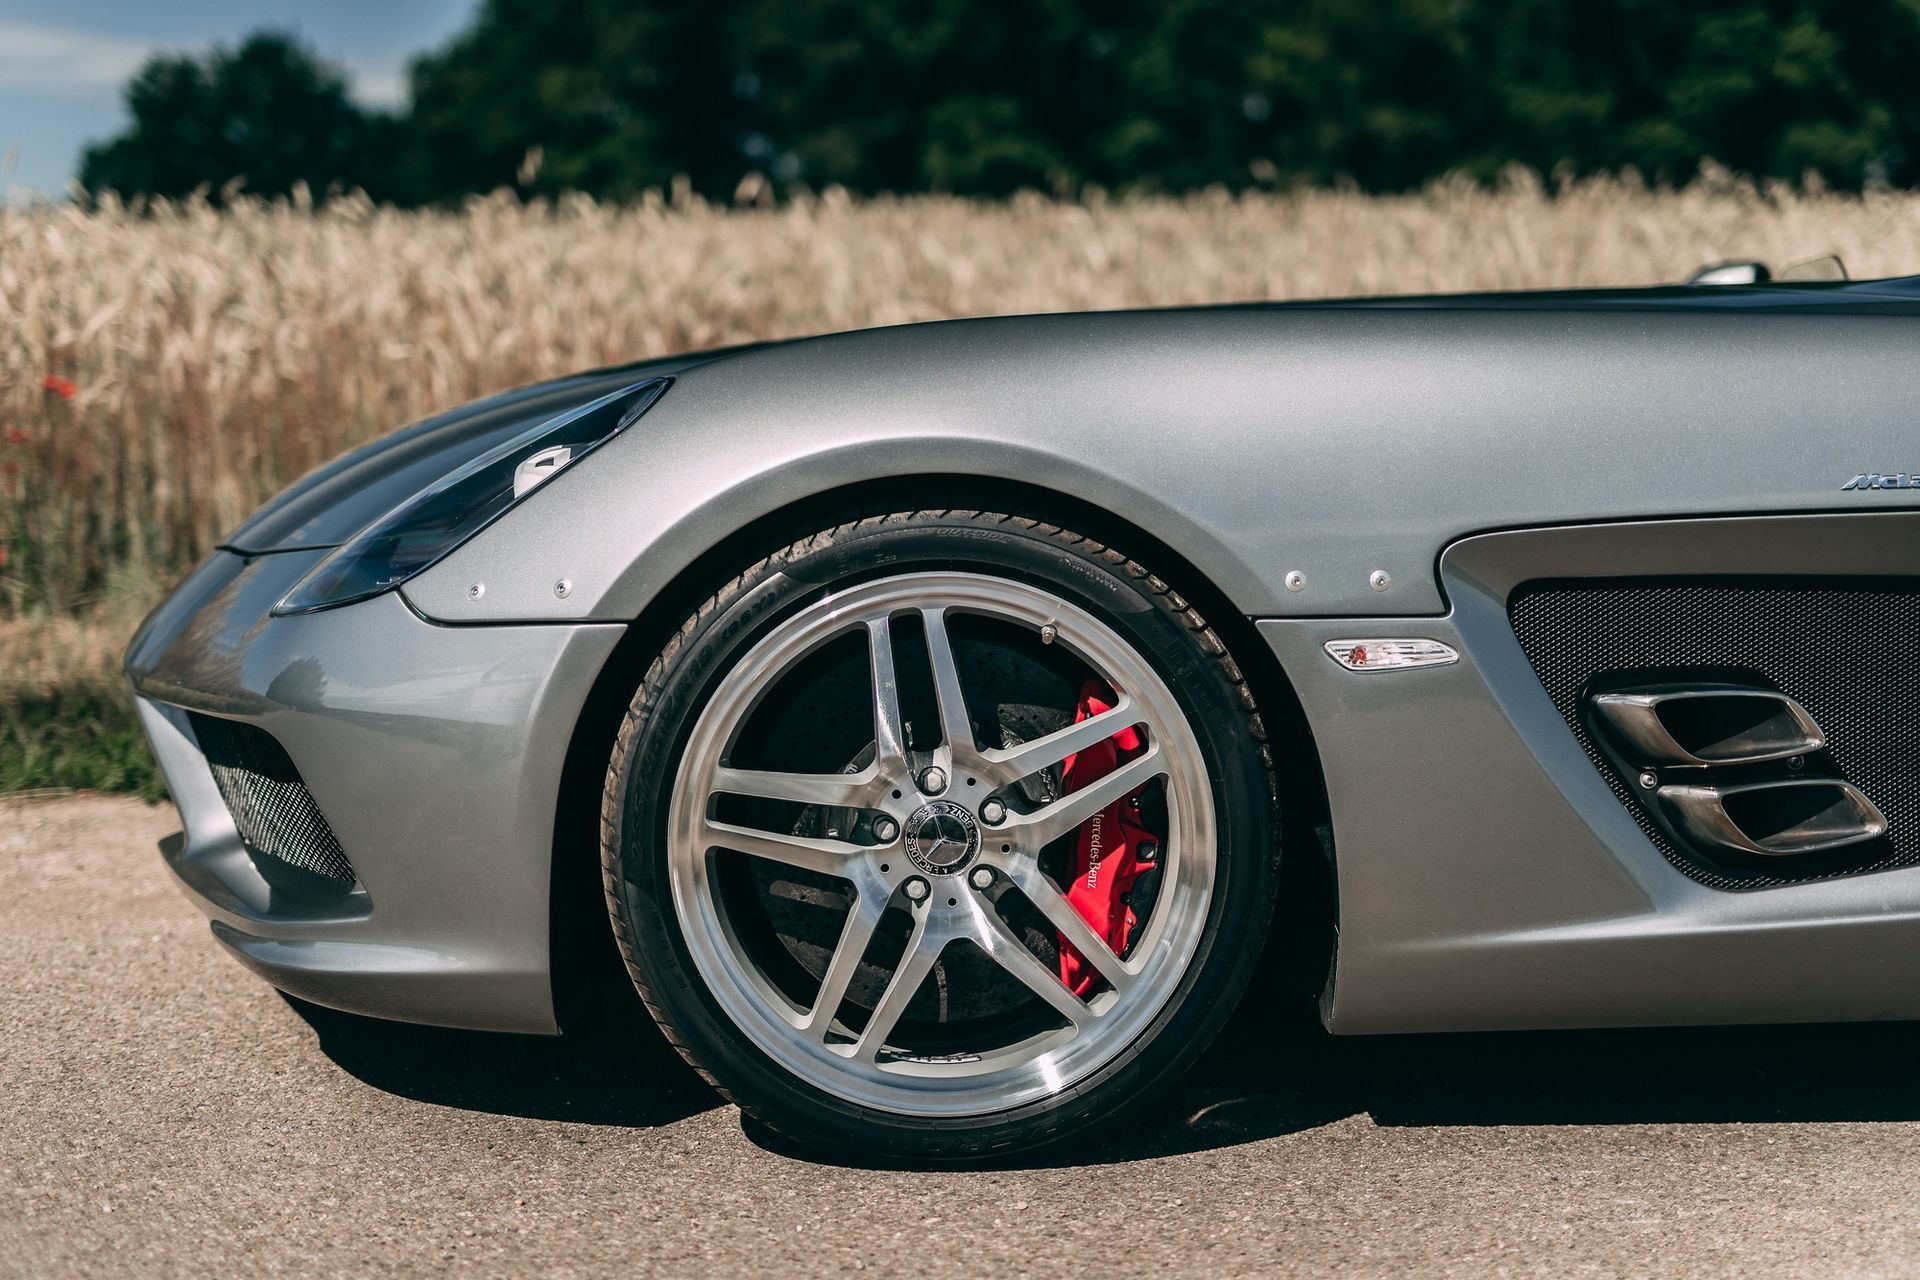 2009-Mercedes-Benz-SLR-McLaren-Stirling-Moss-_19